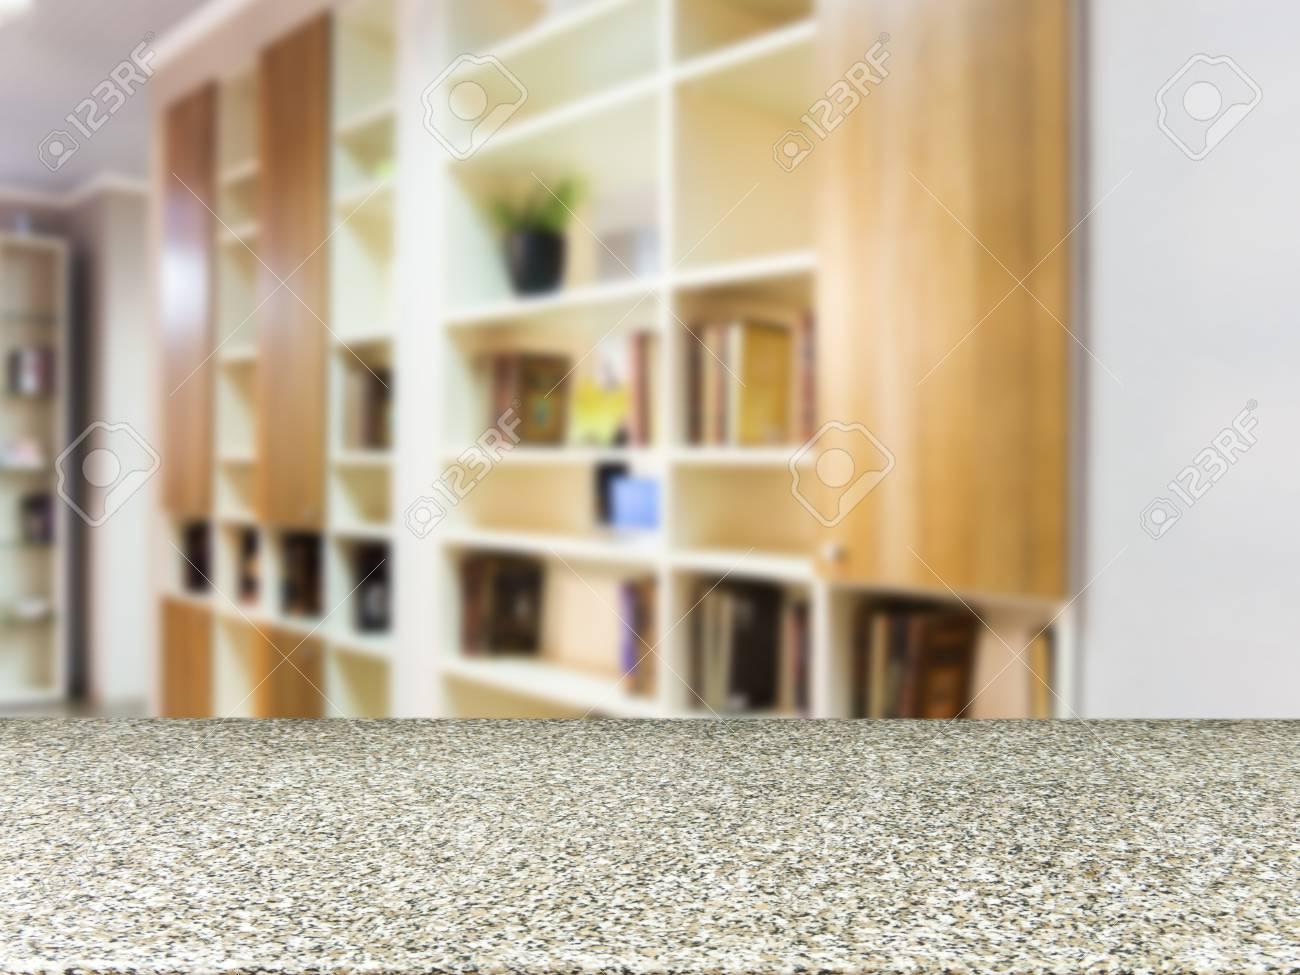 Table vide de marbre en face de l\'arrière-plan flou. Planche de marbre  Perspective sur le flou dans l\'intérieur du salon moderne. Maquette pour ...